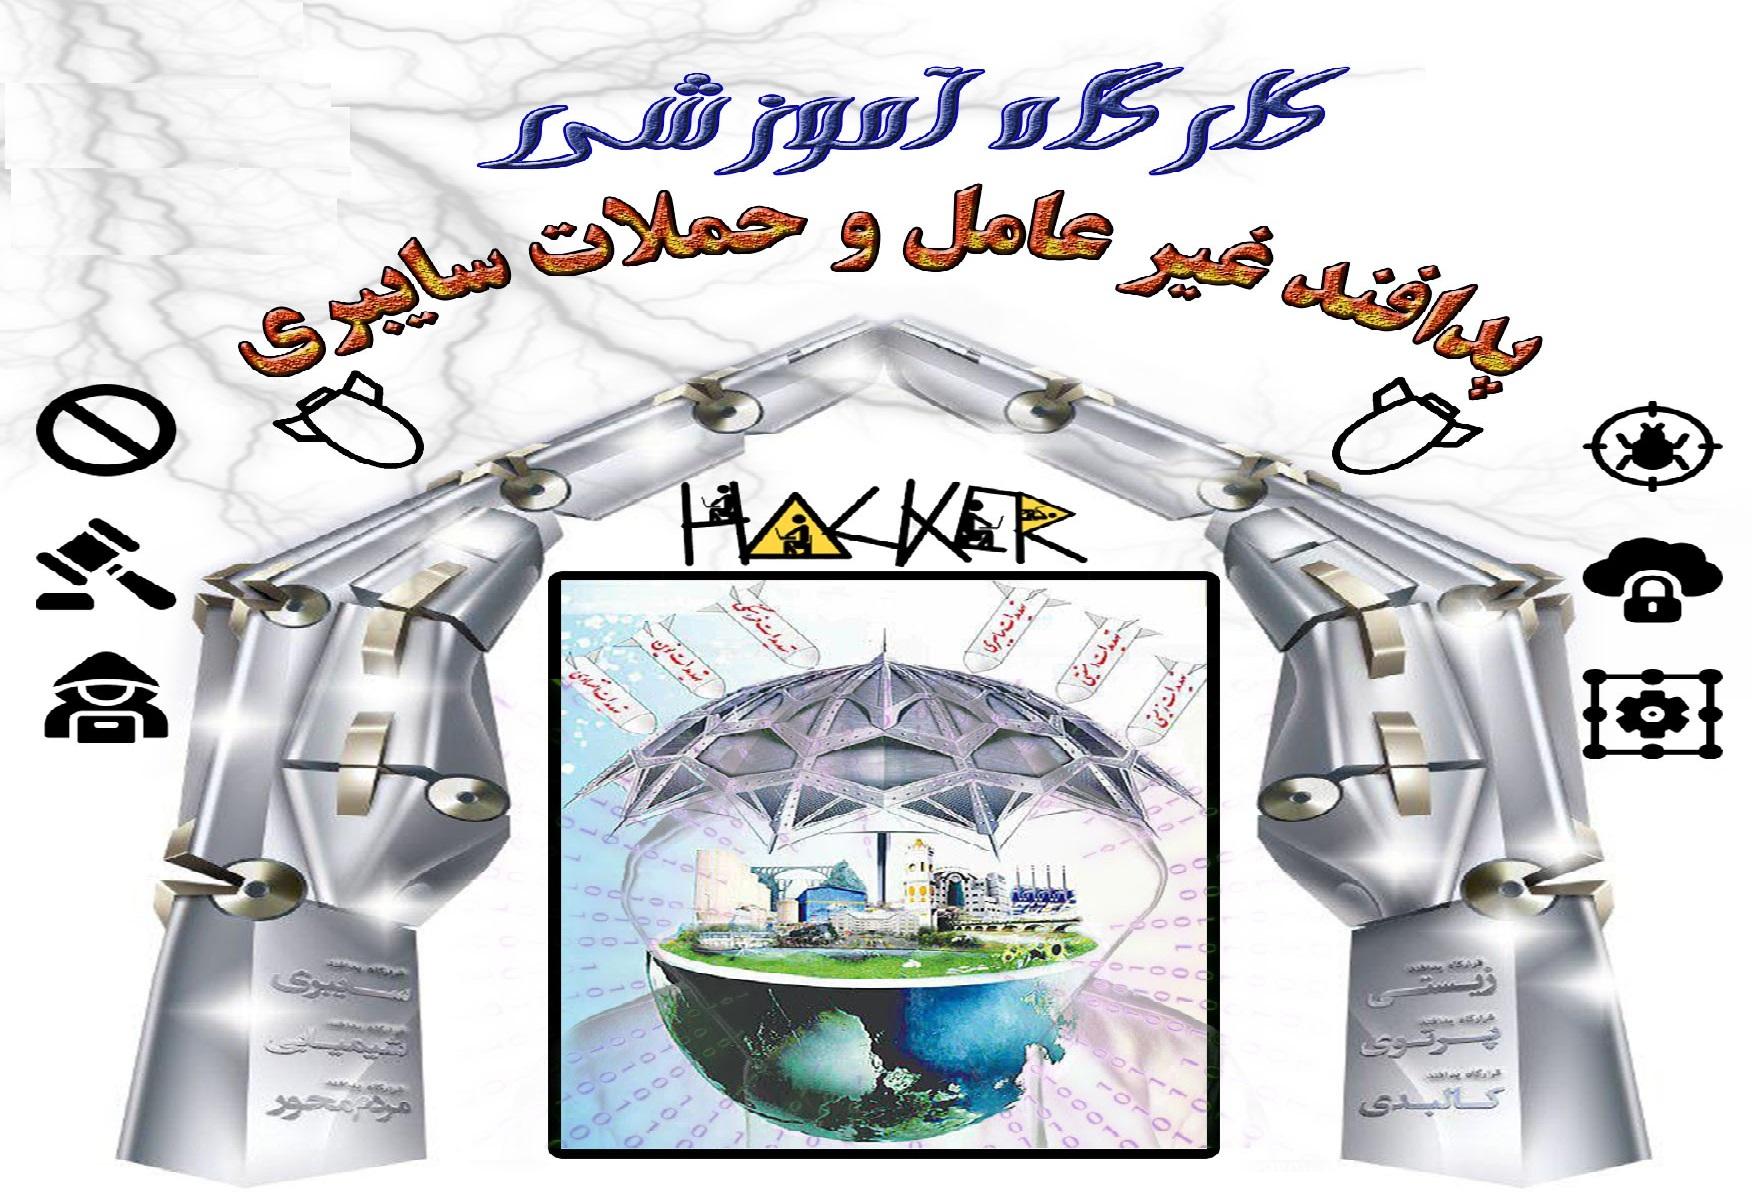 کارگاه آموزشی پدافند غیرعامل در دانشگاه فرهنگیان اراک